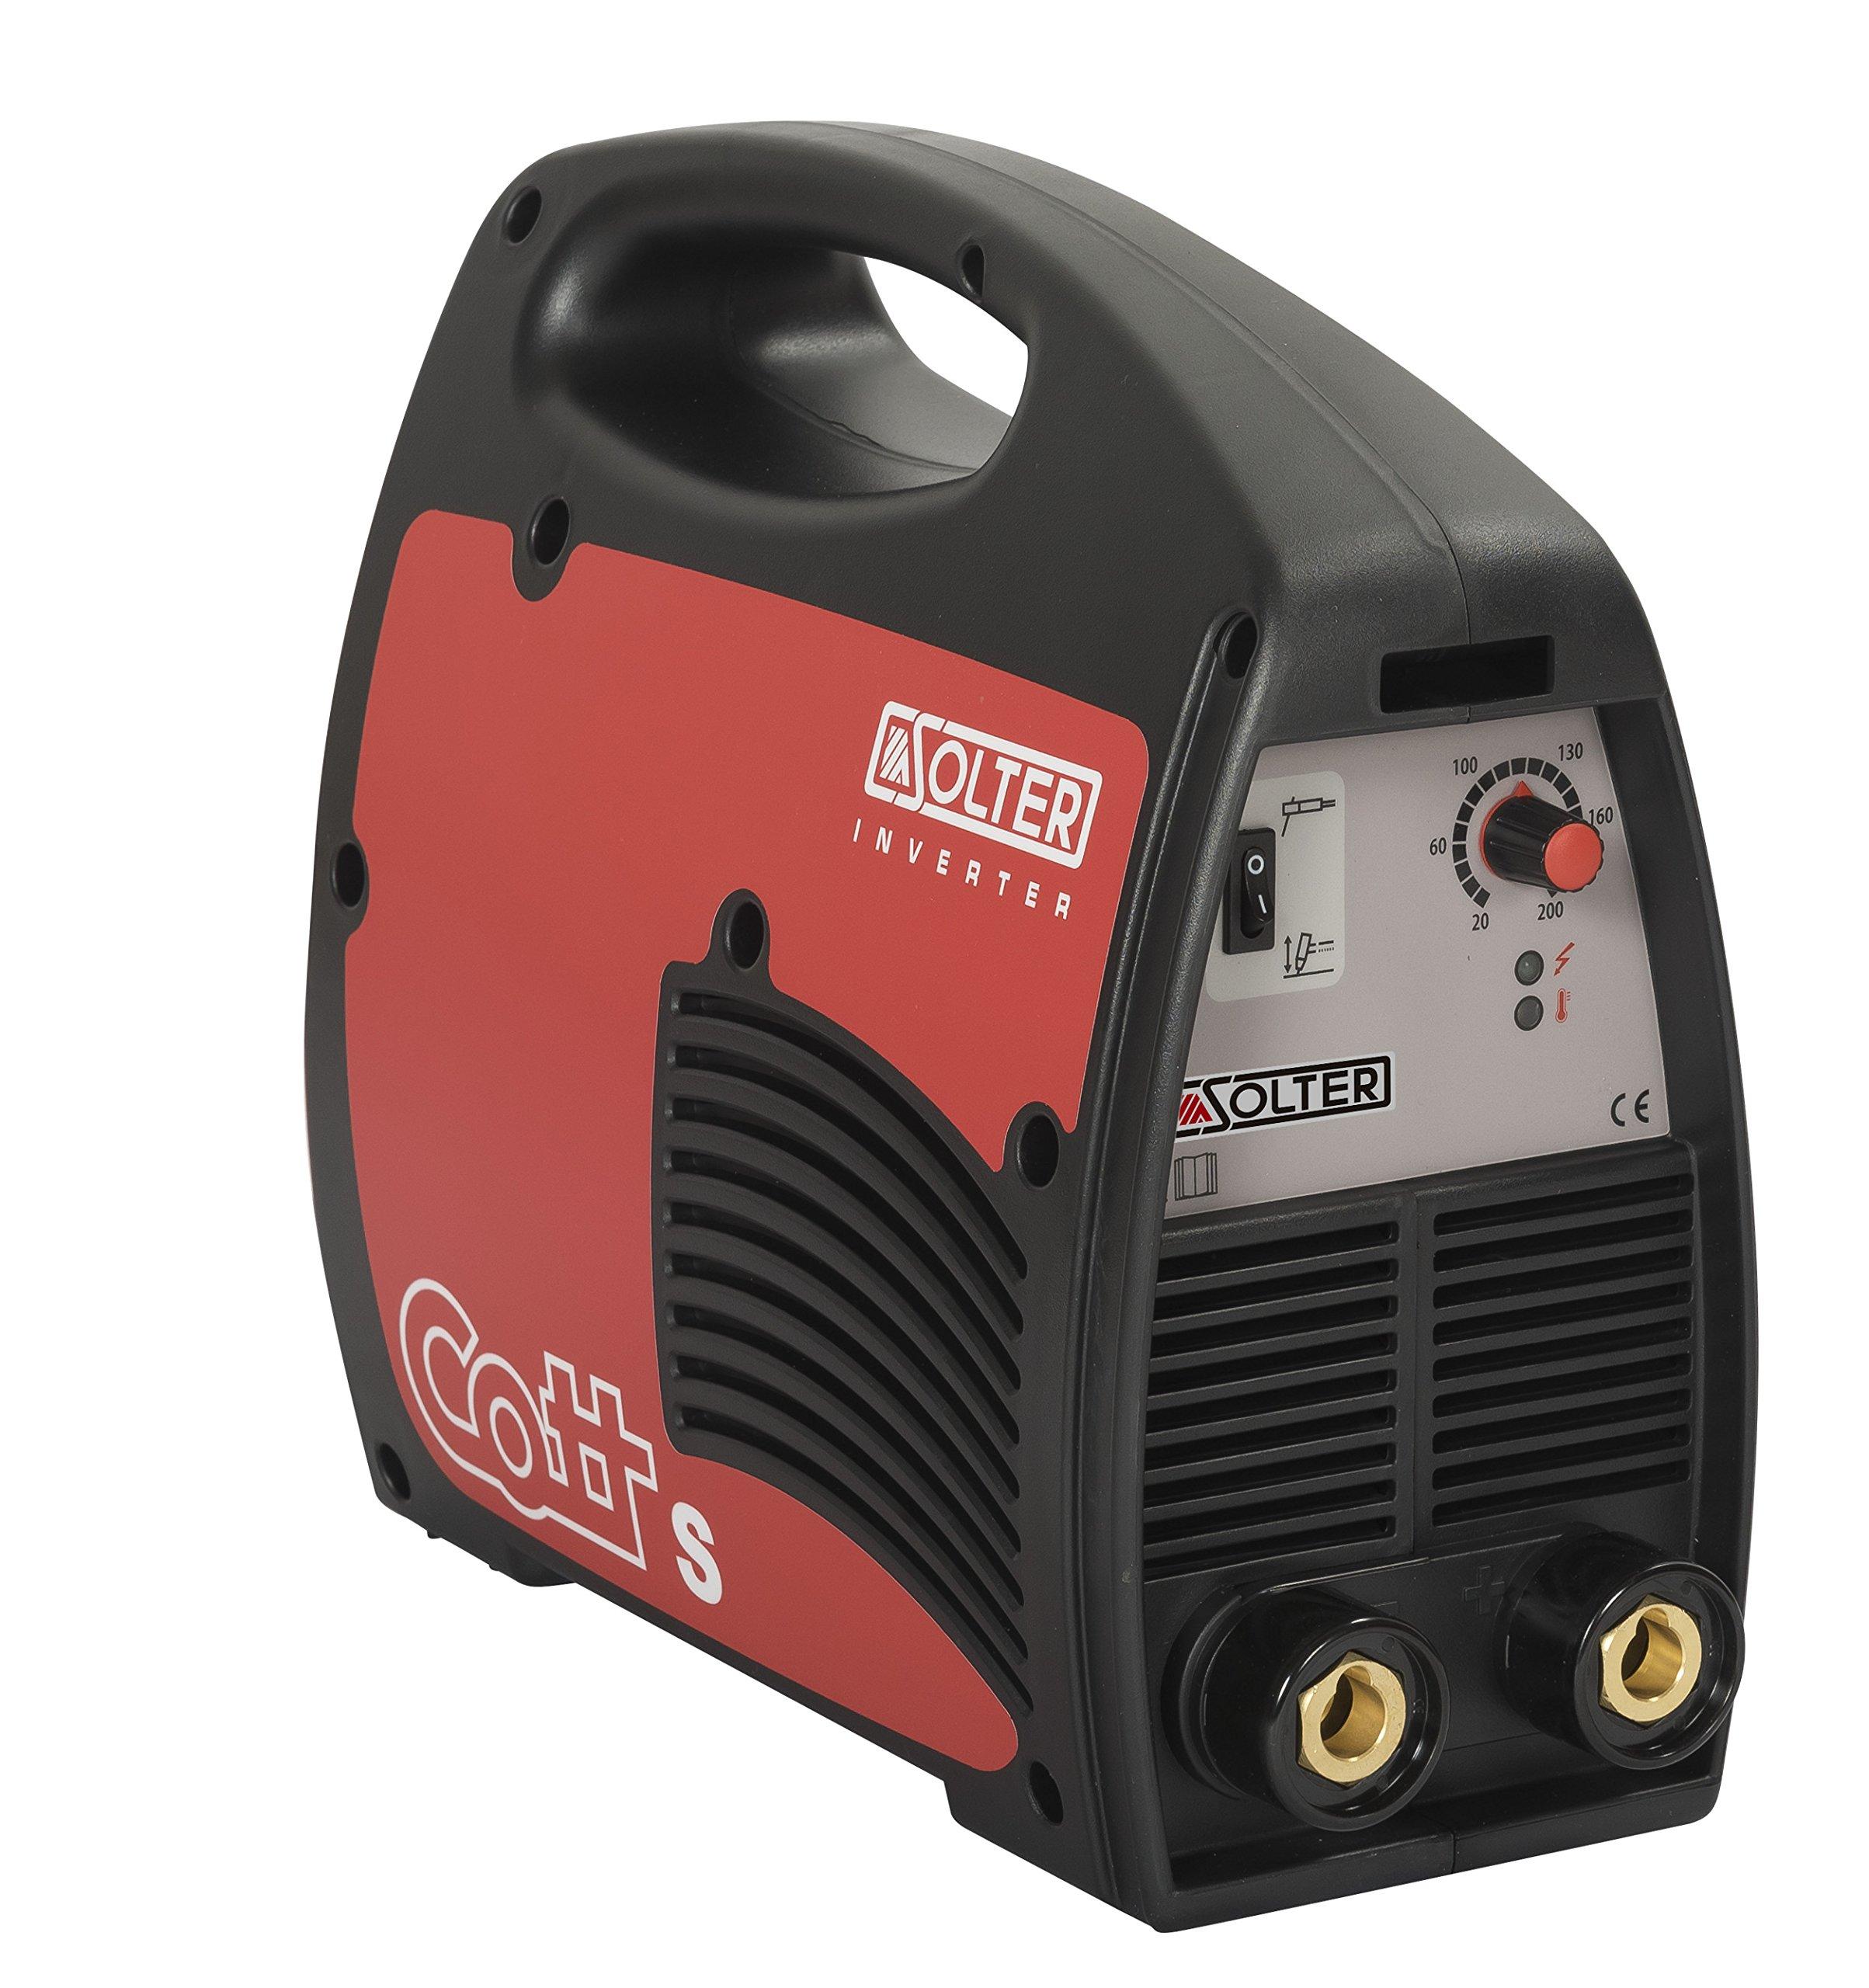 Solter 04250 Inverter COTT 195 SE Superboost, 8 W, 240 V product image